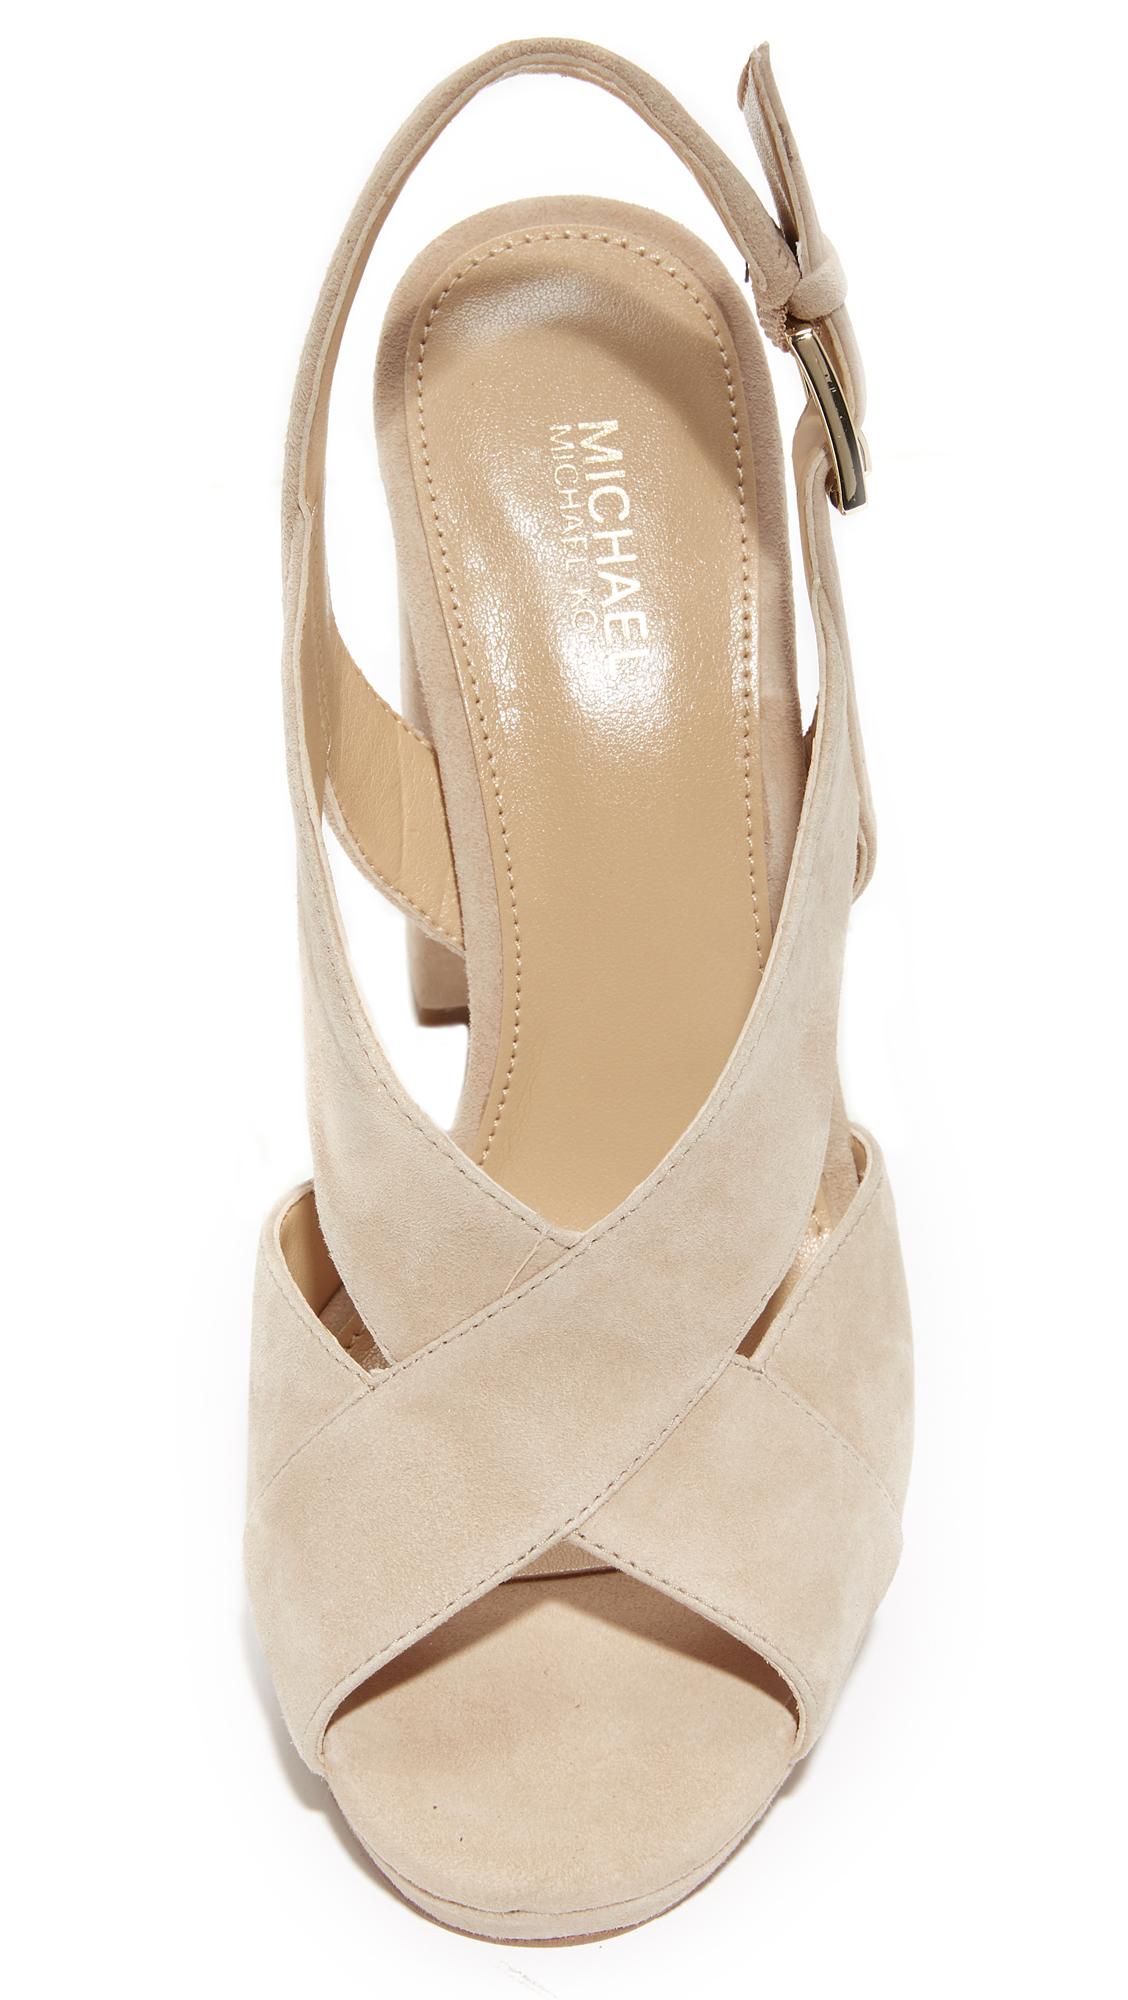 ab6e4a31e46 MICHAEL Michael Kors Becky Platform Sandals